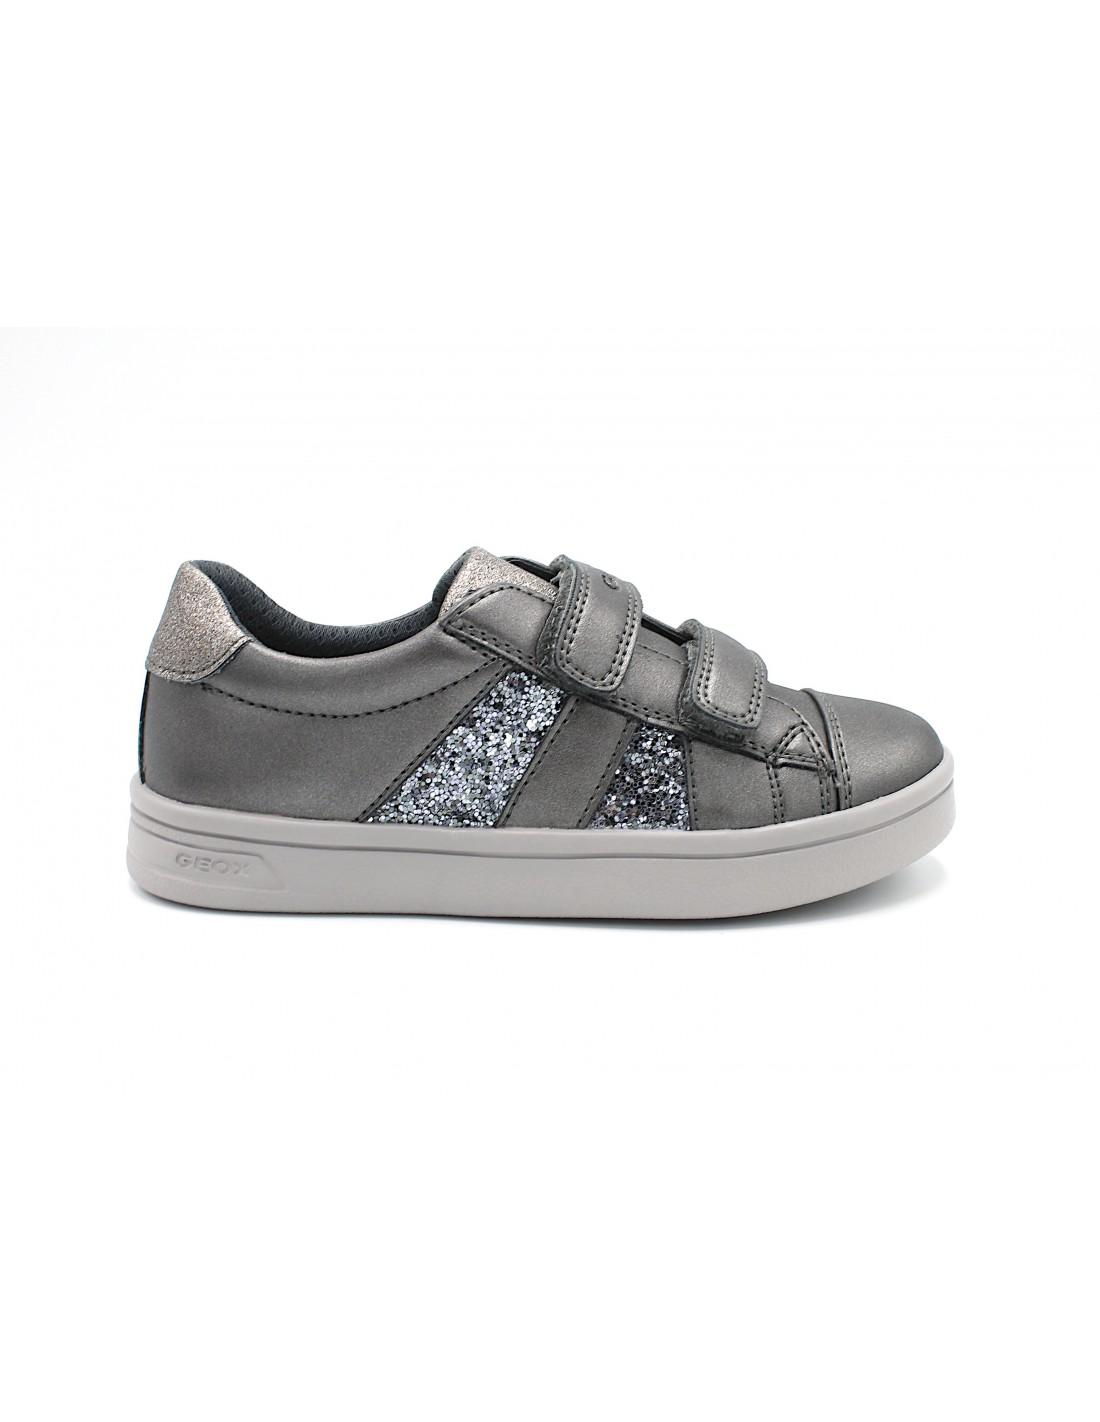 Geox scarpe da bambina in pelle con strappo GRIGIO DjRock J944MC Angela Barba